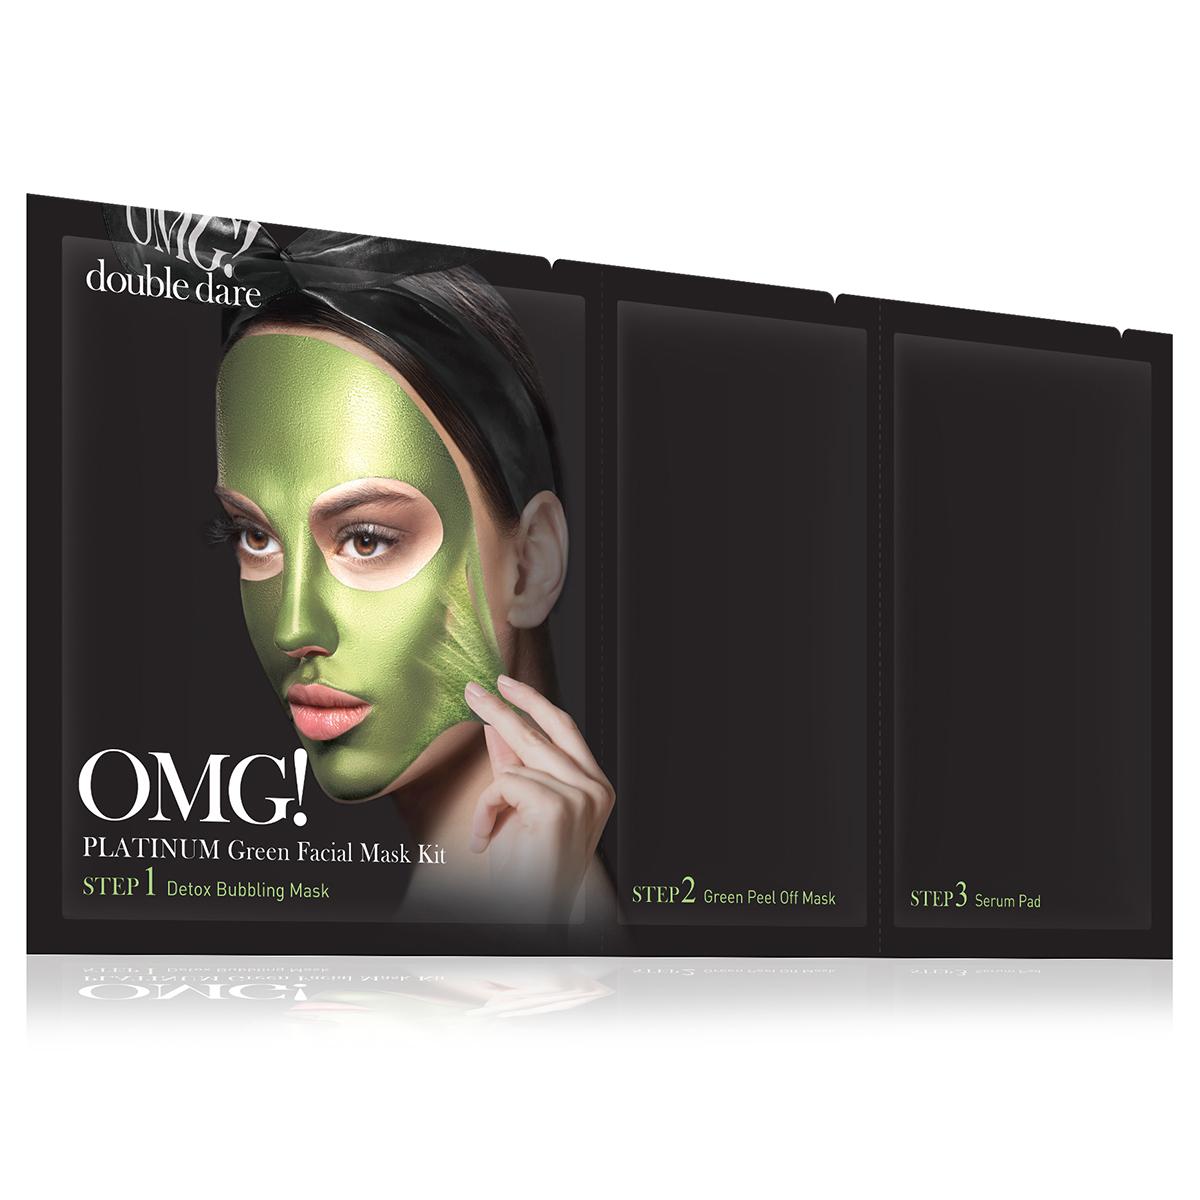 Double Dare OMG! Platinum Green Facial Mask Kit Маска трехкомпонентная для ухода за кожей лица зеленая79693Яркая маска серии Double Dare OMG! Platinum разработана с использованием передовых технологий по очищению лица и уникального состава компонентов.Маска глубоко очищает и увлажняет кожу, придает коже мягкость и свежесть, обладает антивозрастным эффектом.Отличительной чертой зеленой маски является присутствие в составе ламинарии и хлореллы для упругости и себоконтроля.Три простых шага для глубокого очищения, улучшения цвета и общего состояния кожи лица!Шаг 1. Детокс кислородная маска для глубокого очищения.Кислородная маска-детокс аккуратно очищает кожу и придает лицу свежесть и сияние.Способ применения:Нанесите маску на кожу до или после снятия макияжа. Оставьте маску на лице на 1-3 минуты. Тщательно смойте маску водой и высушите лицо.Состав:Water, Glycerin, Cocamidopropyl Betaine, Dipropylene Glycol, Disiloxane, Methyl Perfluorobutyl Ether, Water, Methyl Perfluoroisobutyl Ether, Butylene Glycol, Sodium Cocoyl Apple Amino Acids, Hexylene Glycol, Hydroxyethylcellulose, 1,2-Hexanediol, Sodium Chloride, Ethylhexylglycerin, Disodium EDTA, Phenoxyethanol, Fragrance.Шаг 2. Очищающая маска-пленка.Нежная маска-пленка с ламинарией и хлореллой для упругости и себоконтроля.Способ применения:Нанесите тонкий ровный слой маски на лицо. Оставьте маску на лице на 20-30 минут до полного высыхания. Очистите лицо от маски.Состав:Water, Polyvinyl Alcohol, Alcohol, Dipropylene Glycol, Mica, Titanium Dioxide, Synthetic Fluorphlogopite, Polysorbate 20, Xanthan Gum, Butylene Glycol, Glycerin, Polymethylsilsesquioxane, Isohexadecane, Dimethicone, Steareth-21, Steareth-2, Ficus Carica (Fig) Fruit/Leaf Extract, Ulmus Davidiana Root Extract, Diospyros Kaki Leaf Extract, Houttuynia Cordata Extract, Eriobotrya Japonica Leaf Extract, Laminaria Japonica Extract, Chlorella Vulgaris Extract, Undaria Pinnatifida Extract, PEG-40 Stearate, Cetearyl Methicone, Montmorillonite, Iron Oxides, Ethylhexyl